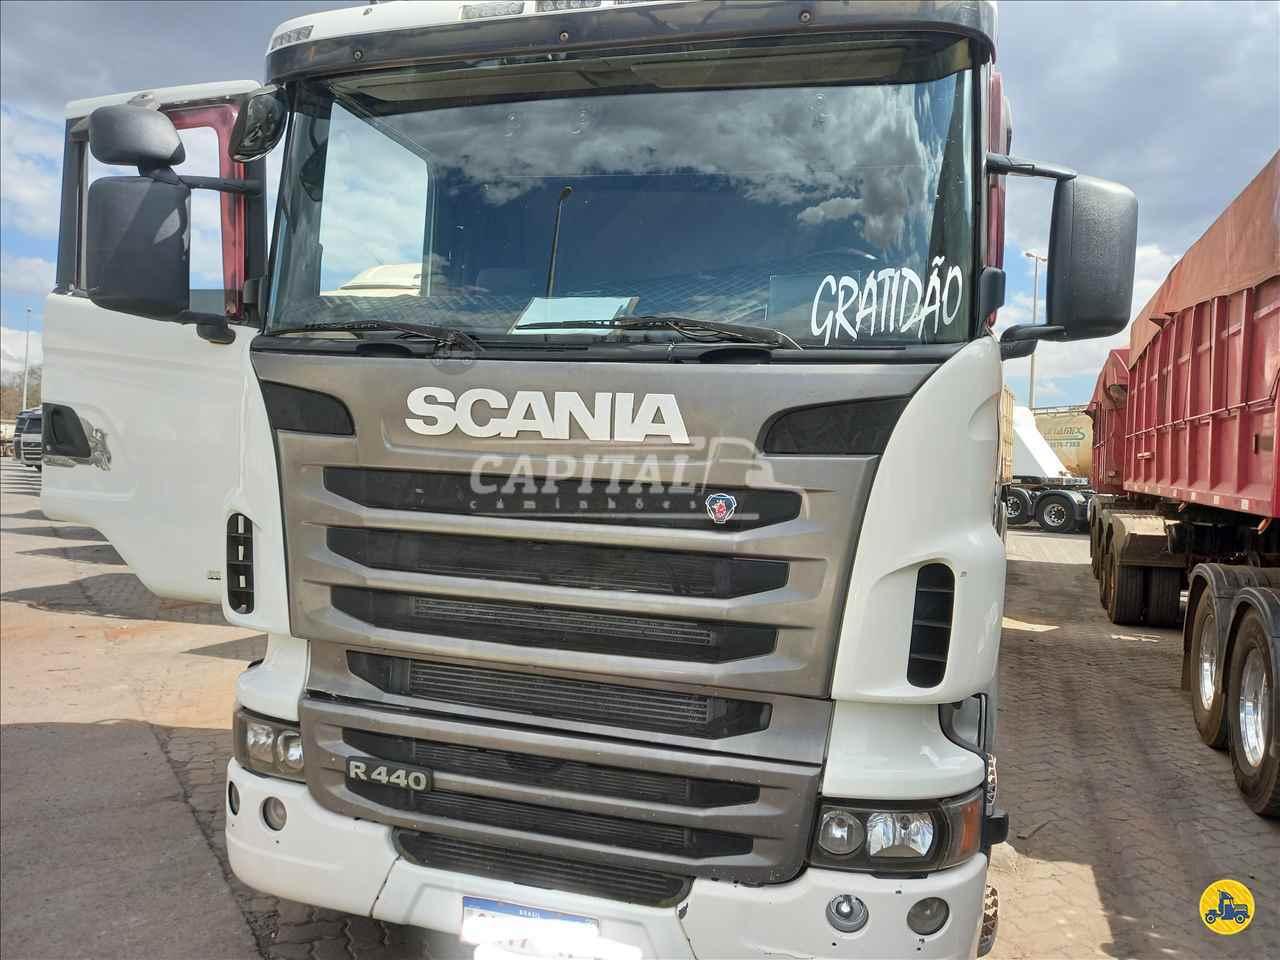 CAMINHAO SCANIA SCANIA 440 Cavalo Mecânico Traçado 6x4 Capital Caminhões - Metalesp e Recrusul  BRASILIA DISTRITO FEDERAL DF